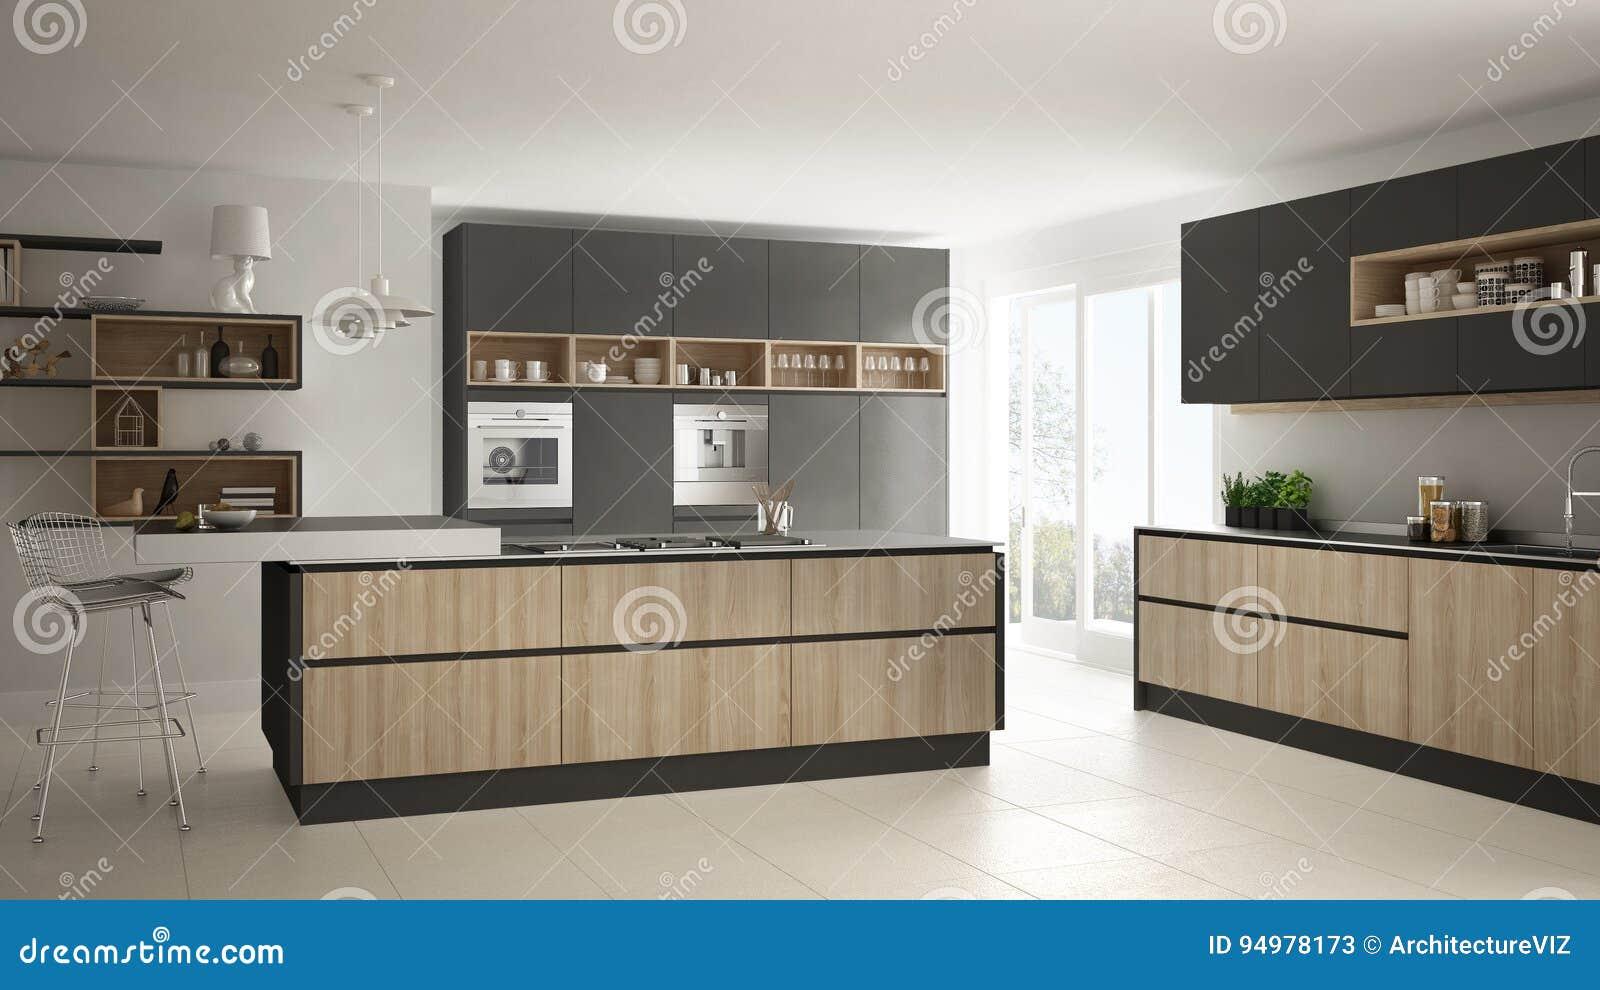 Cocina blanca y madera moderna muebles de ikea encimera cocina de madera cocinas nrdicas - Eurokit cocinas ...